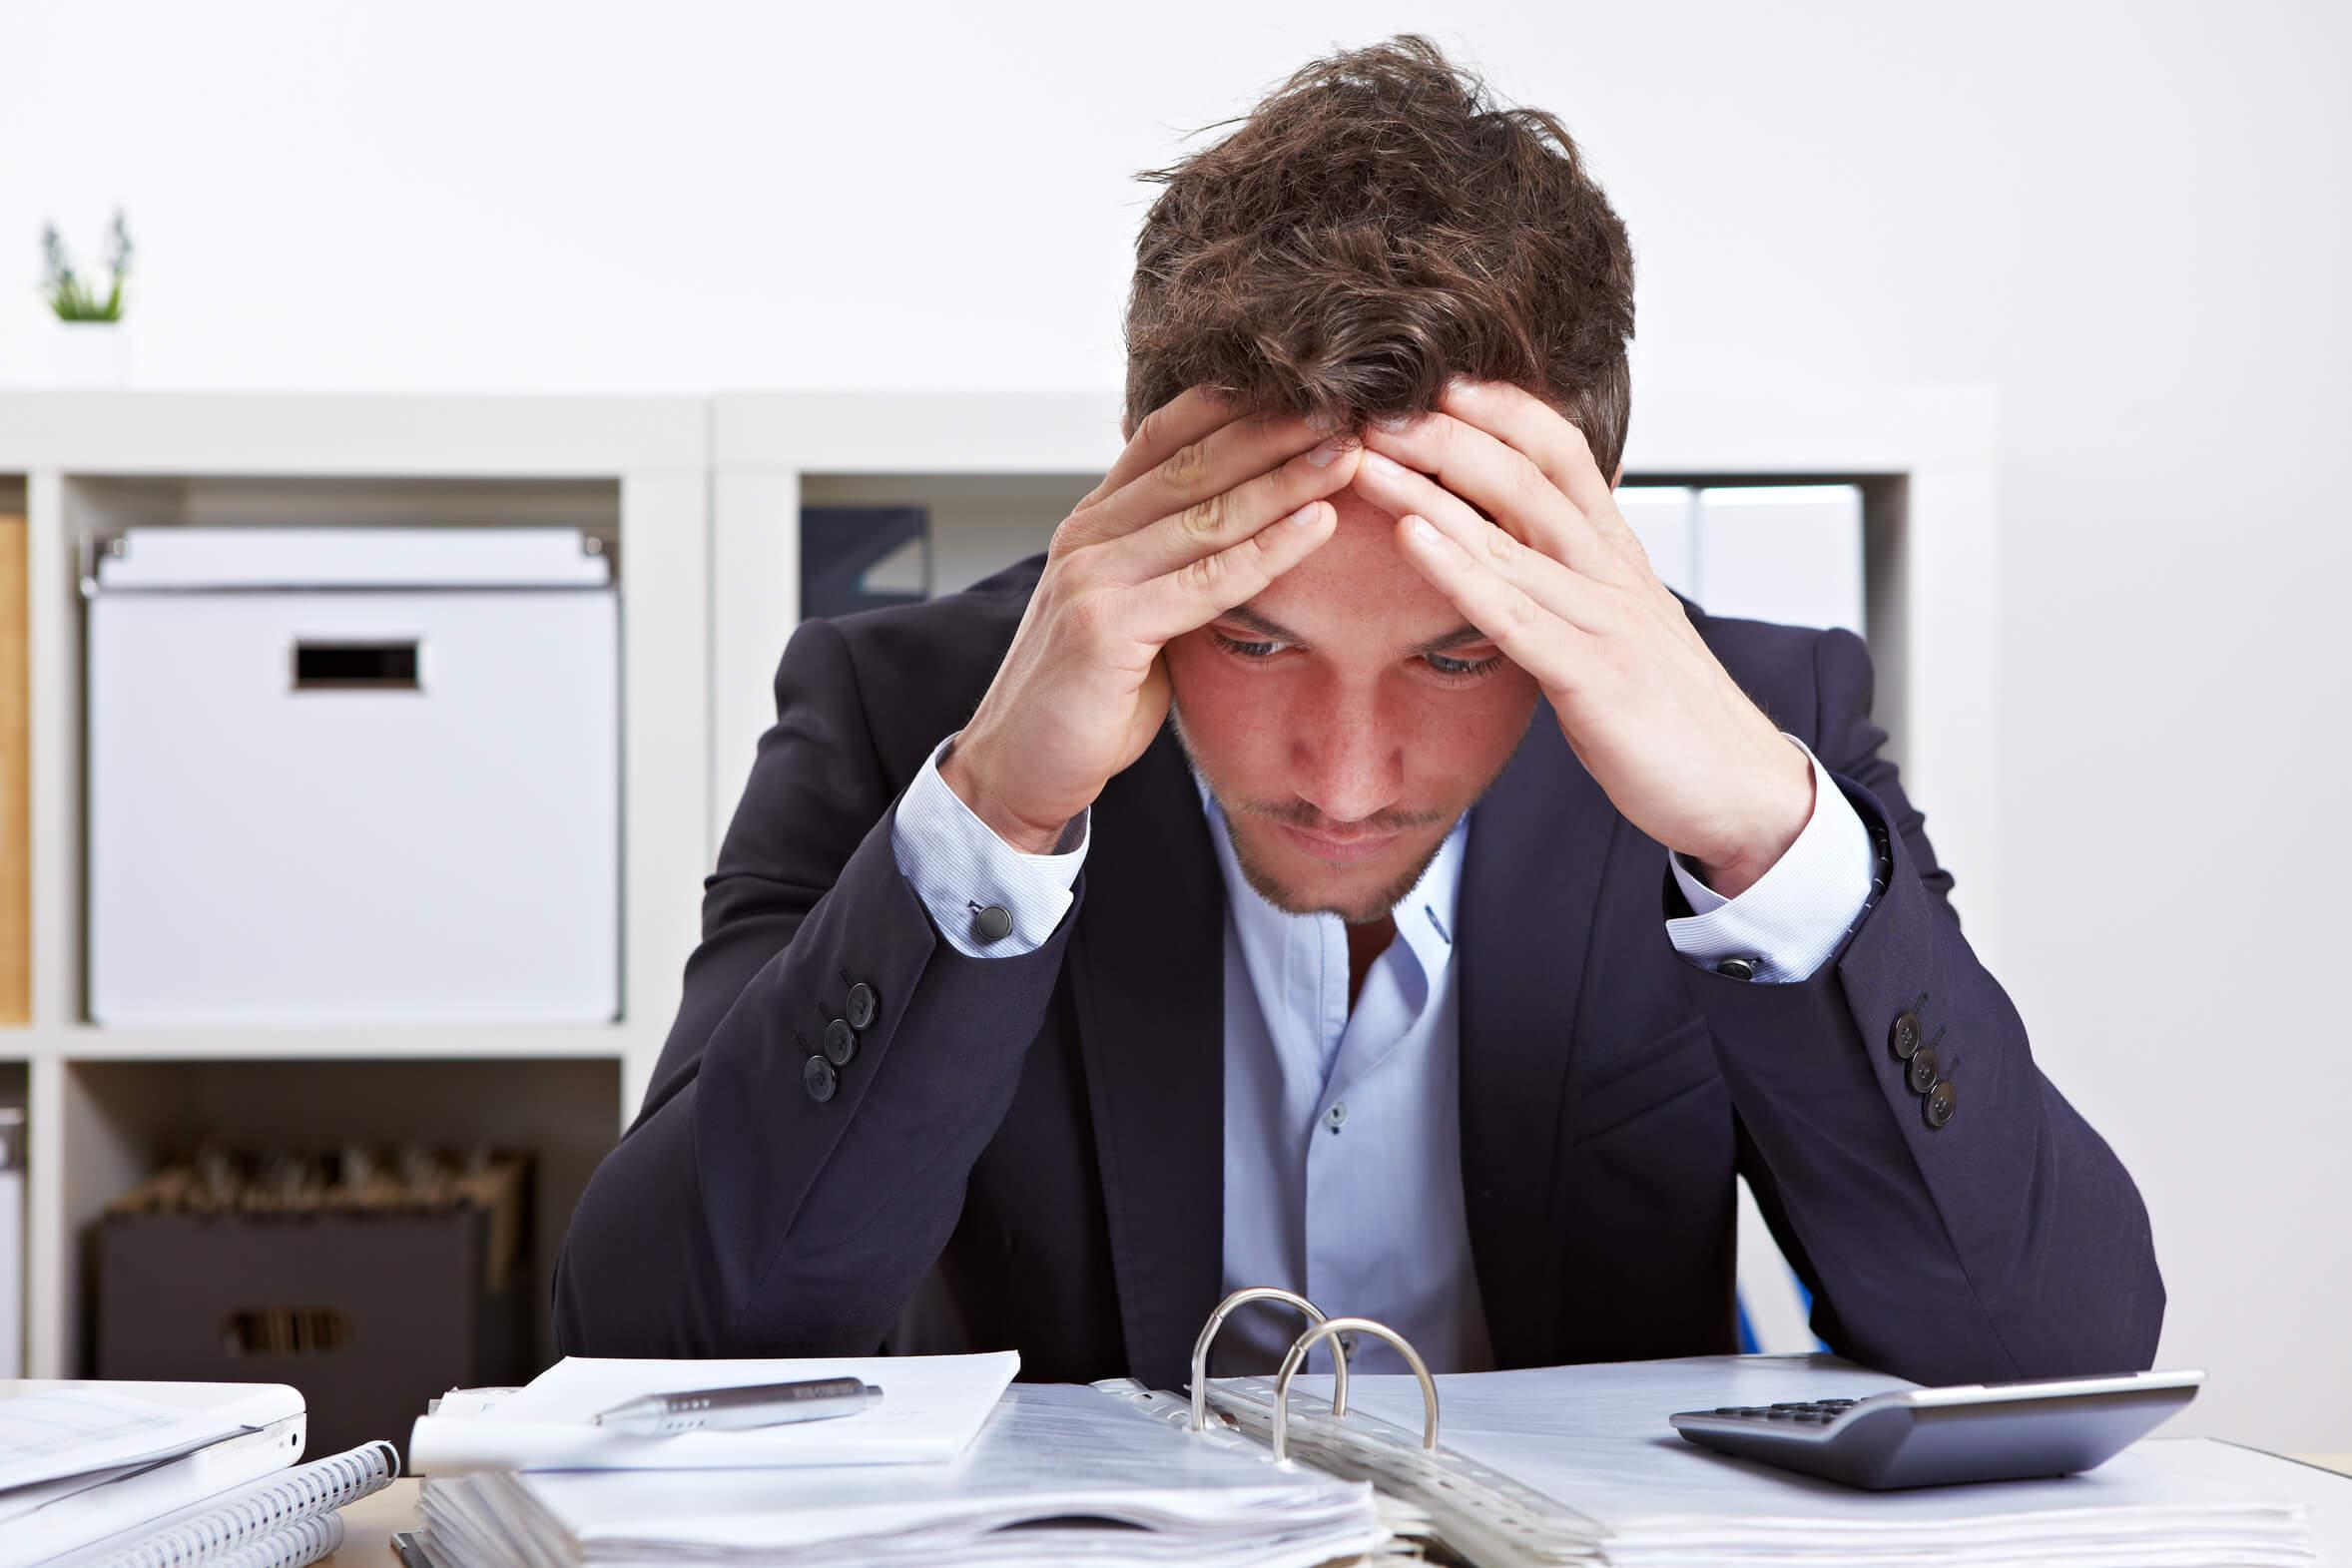 کاهش استرس با ترفندی 5 دقیقهای